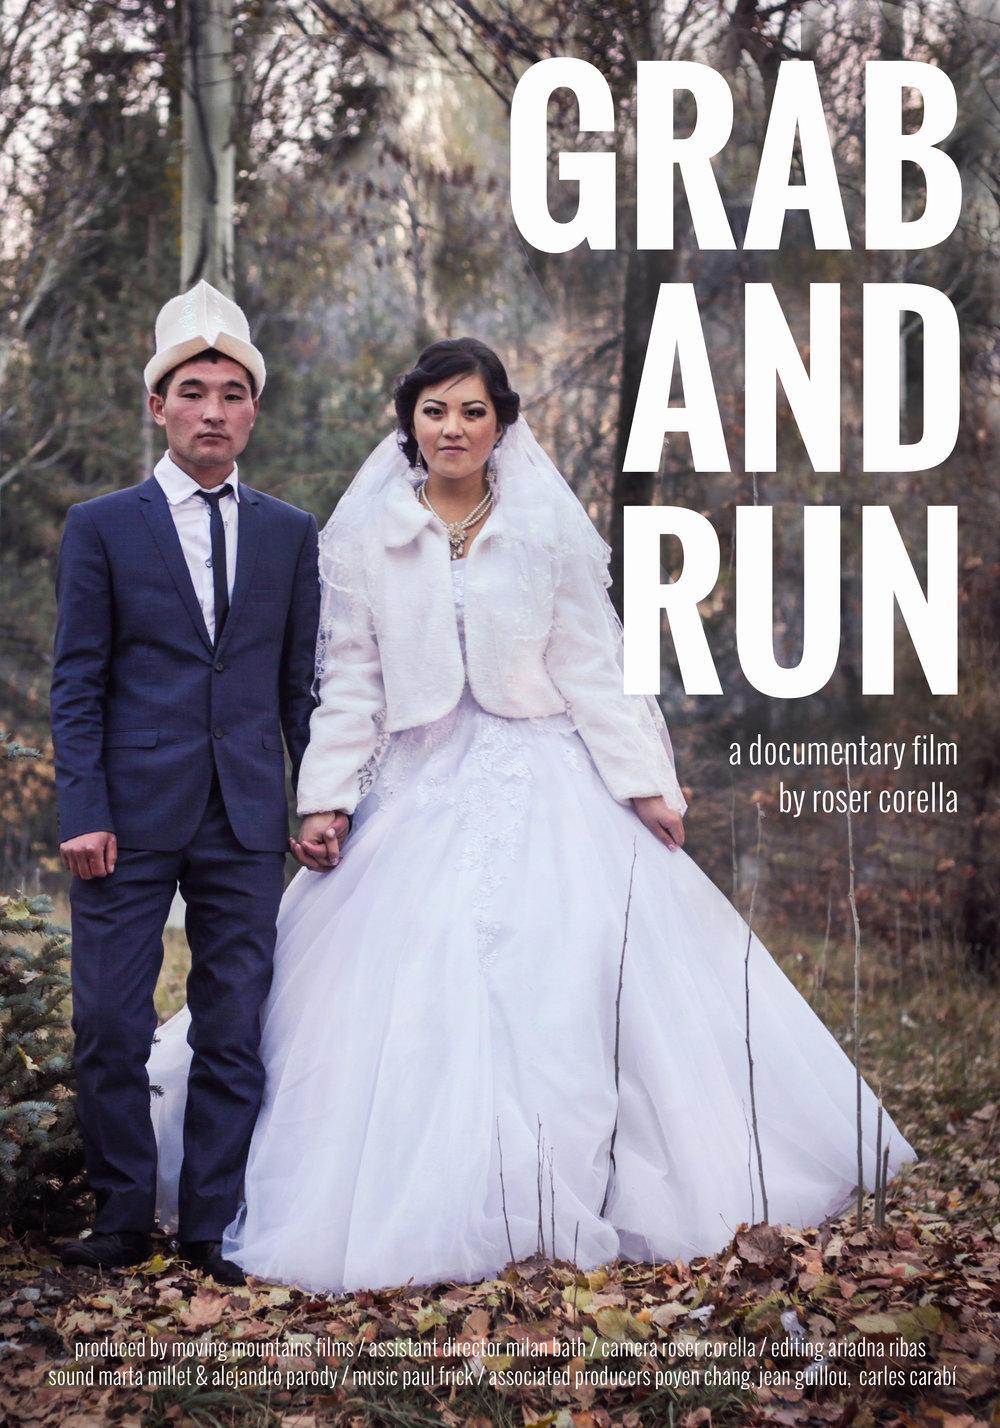 猎物新娘    柯爾克孜人總是說每一樁好的婚姻都是從眼淚開始的。也許這是真的,它已經在一半以上的柯爾克孜婚姻中得到驗證了。據說,這就是許多非法綁架新娘事件的开始……   阅读更多